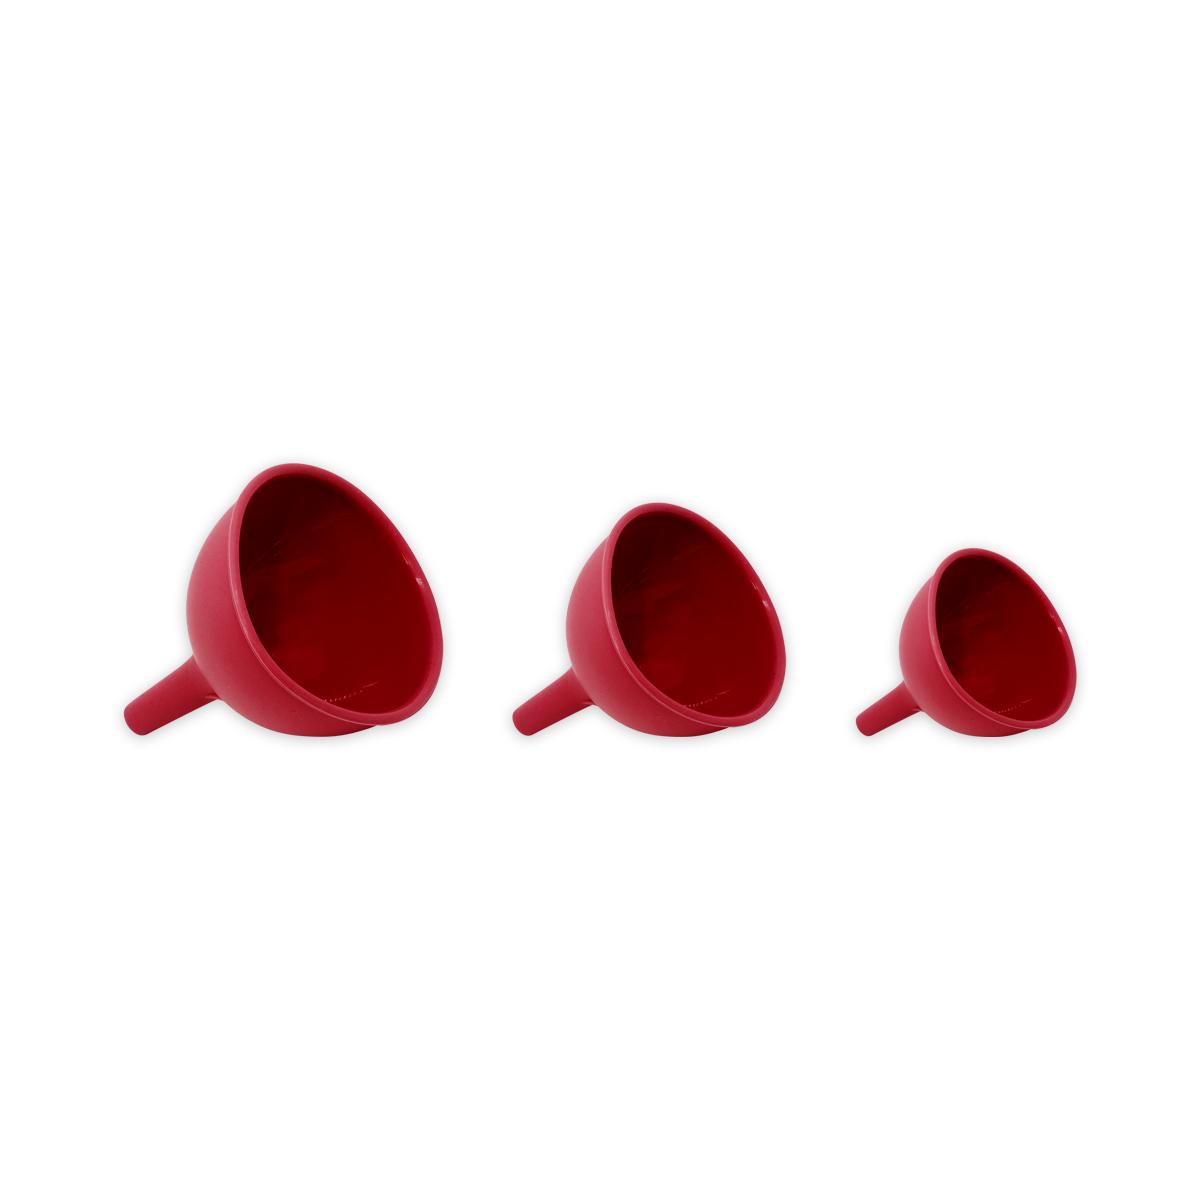 Kit de 3 Funis de Silicone - Vermelho - Oikos